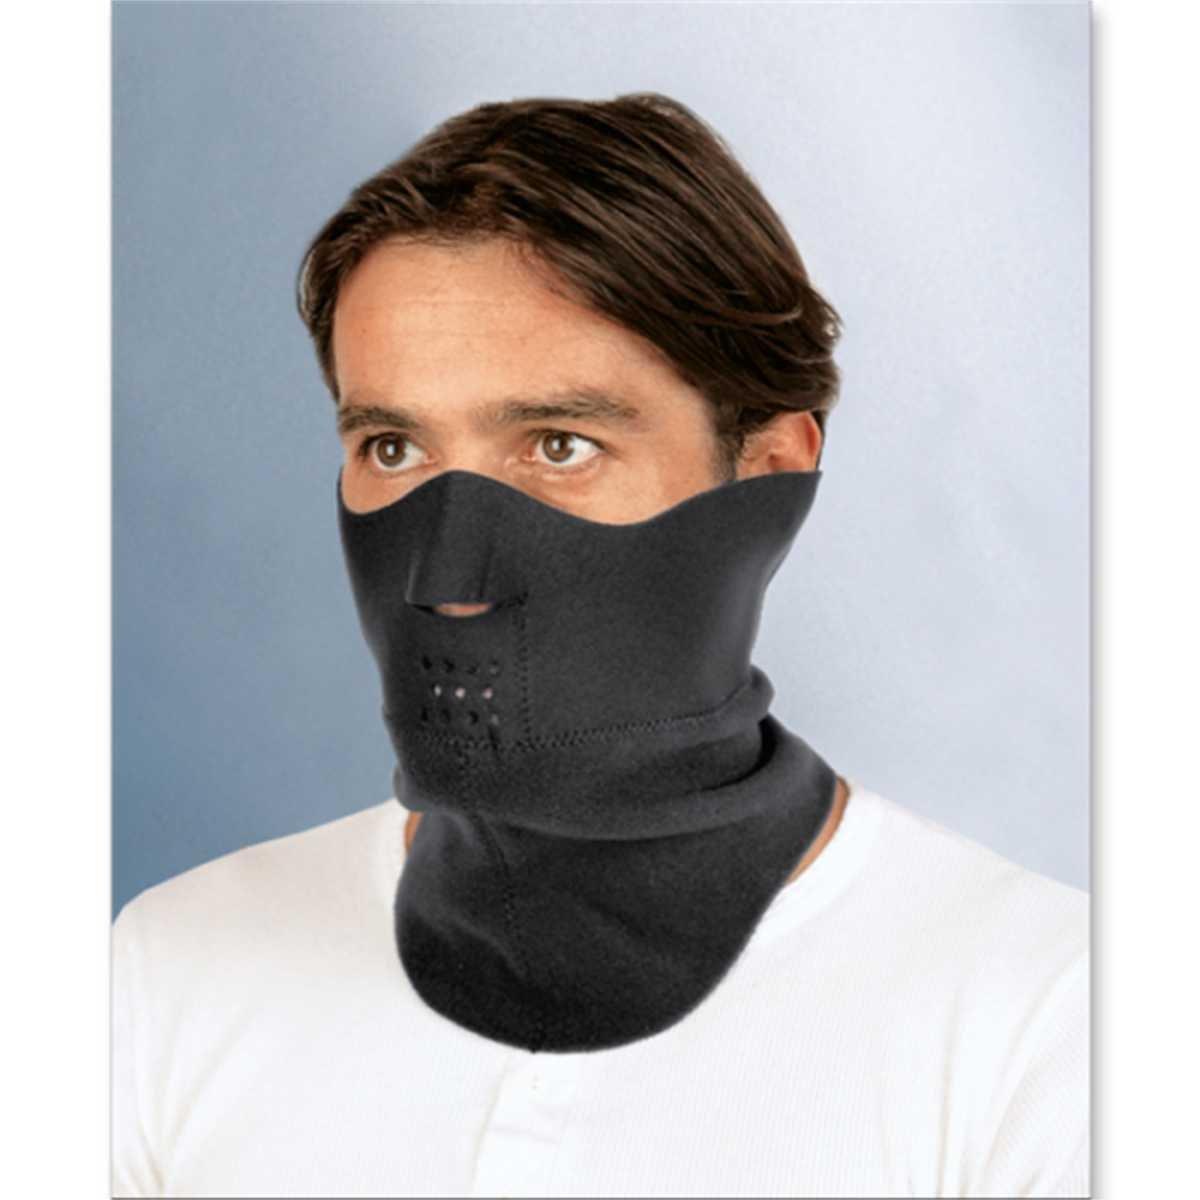 Held Hals- und Gesichtsschutz 1